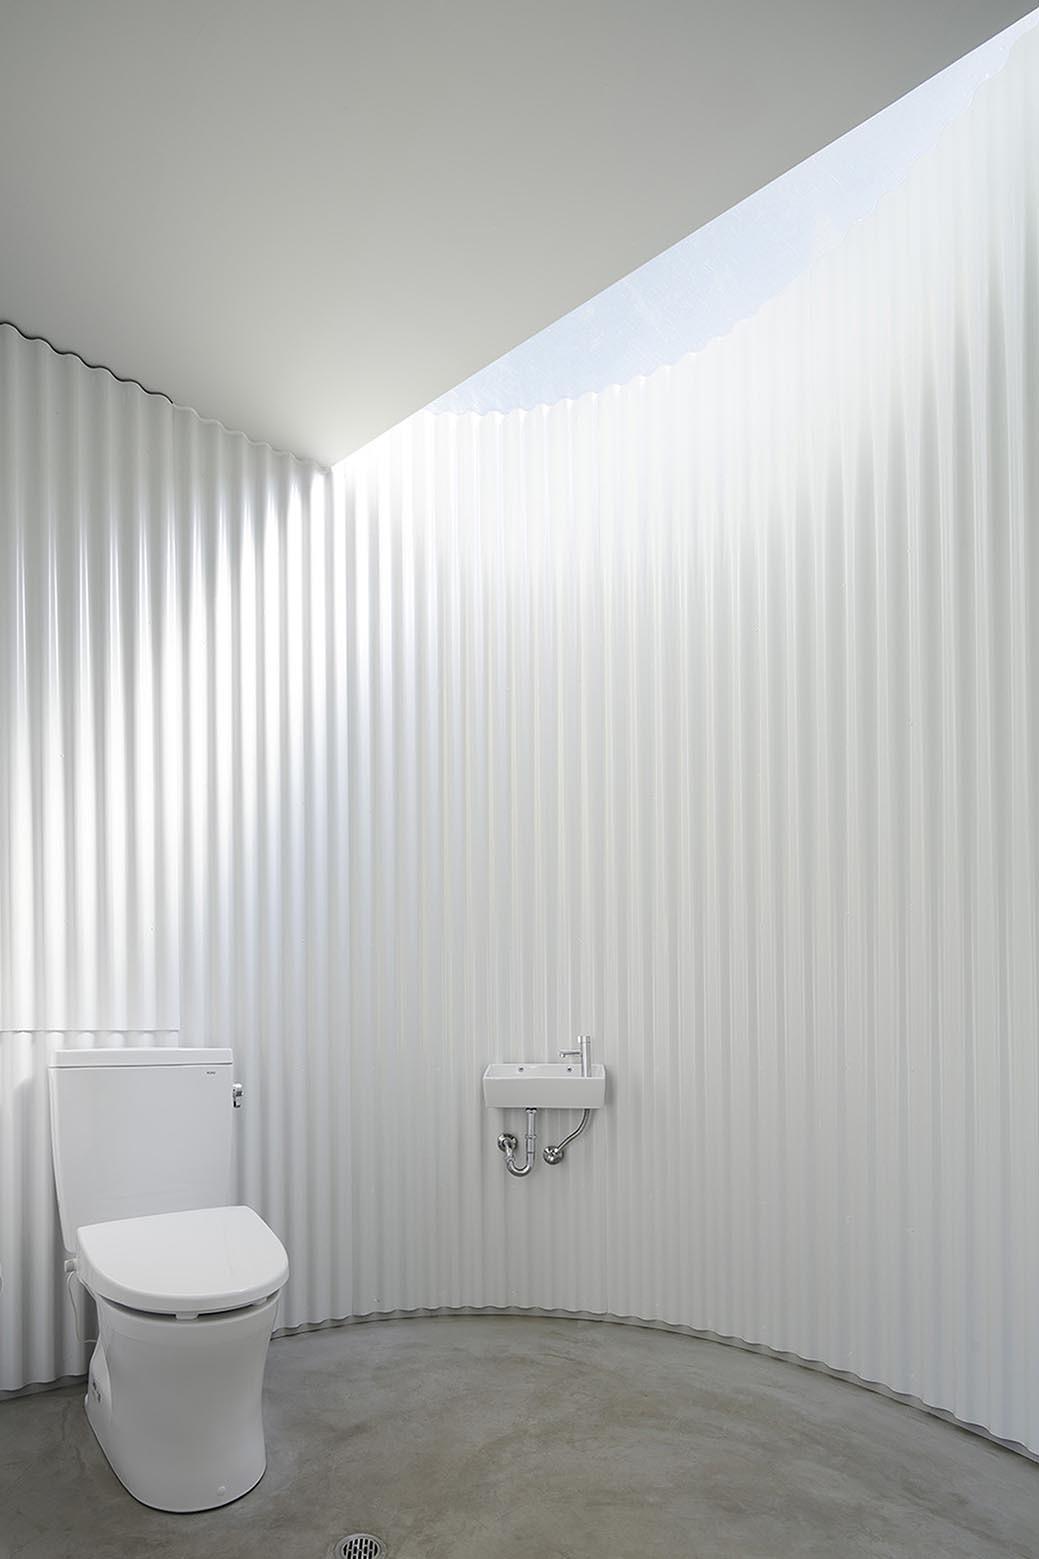 Isemachi Public Toilet / Kubo Tsushima Architects | ArchDaily